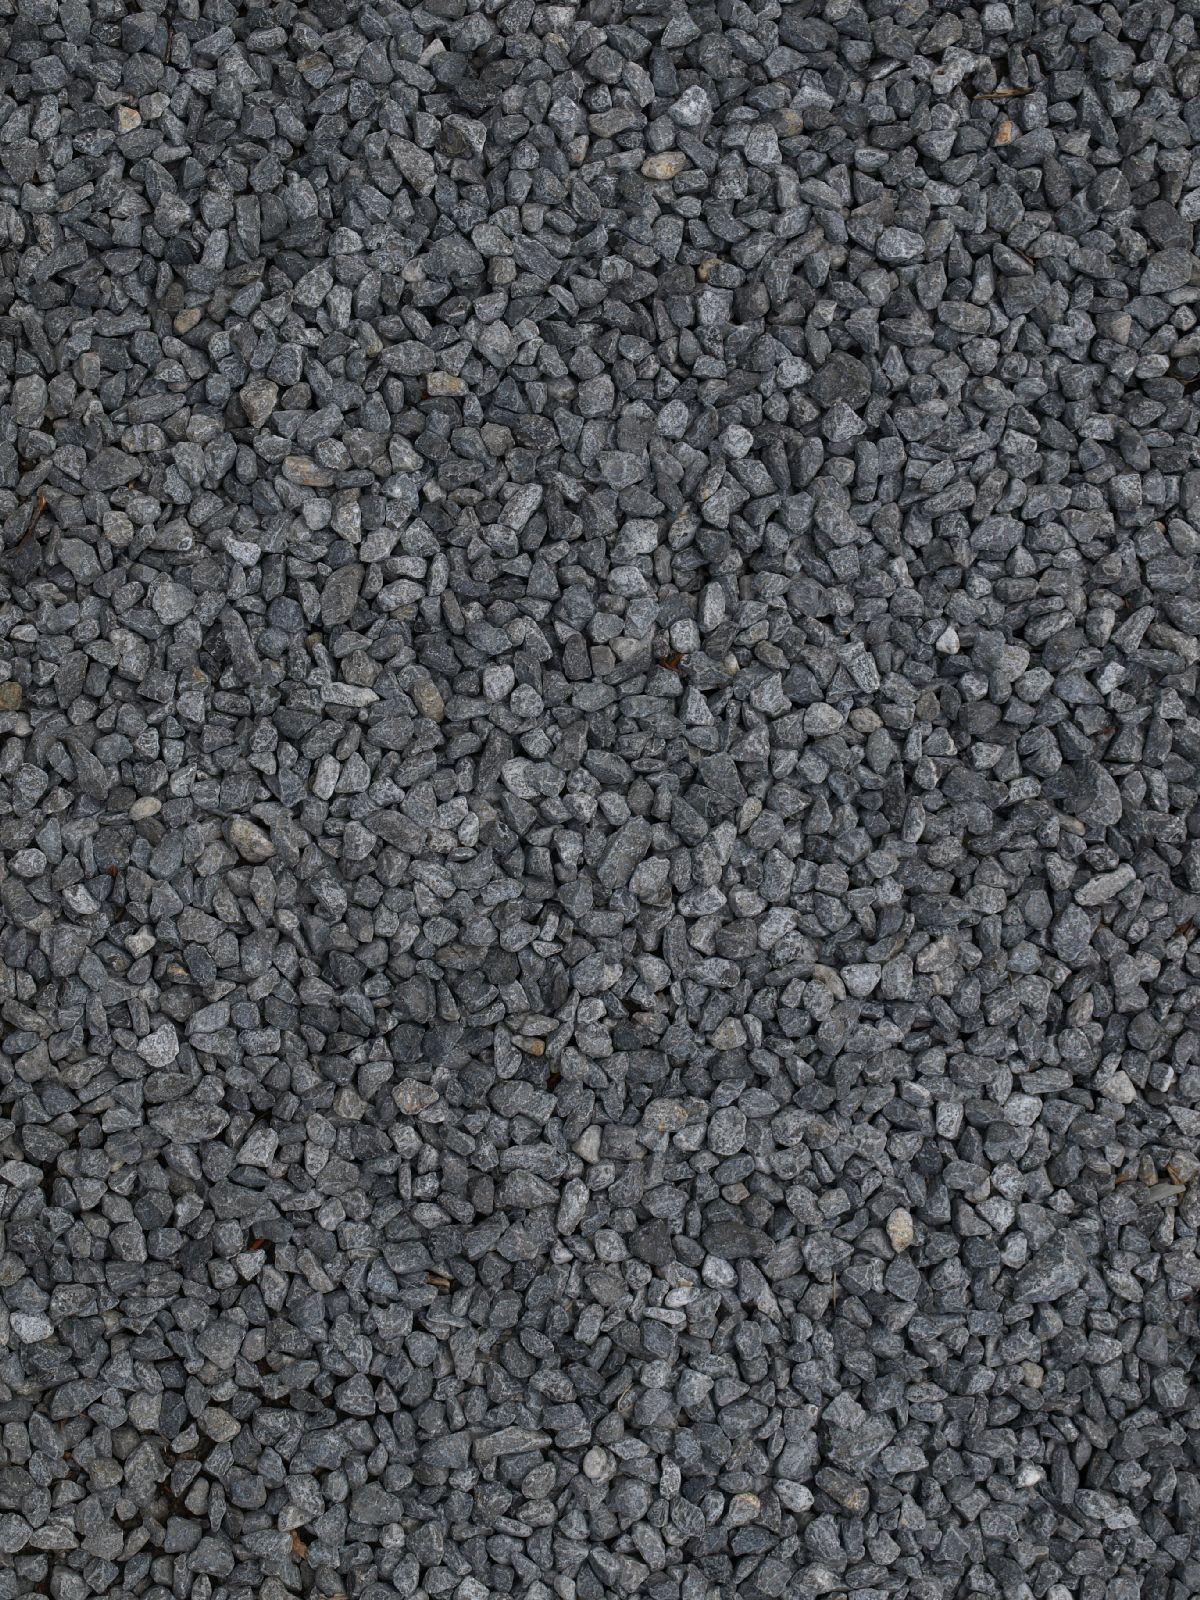 Boden-Erde-Steine_Textur_A_P4261812